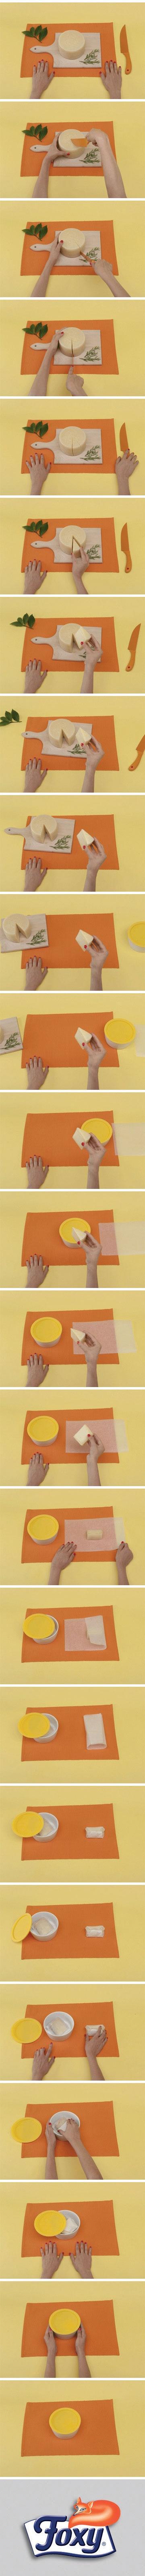 Formaggi  Se avanza del formaggio, avvolgilo in un foglio di carta oleata e riponilo in un contenitore. Assicurati sempre che il coperchio sia ben chiuso: i formaggi possono assorbire gli odori da altri cibi e, nei casi di formaggi molto forti o stagionati, rilasciare il loro odore. Quindi, meglio isolarli: un frigo gusto gorgonzola non è sempre piacevole.  Scopri tanti altri segreti per ottimizzare la conservazione dei cibi su www.foxymega.it